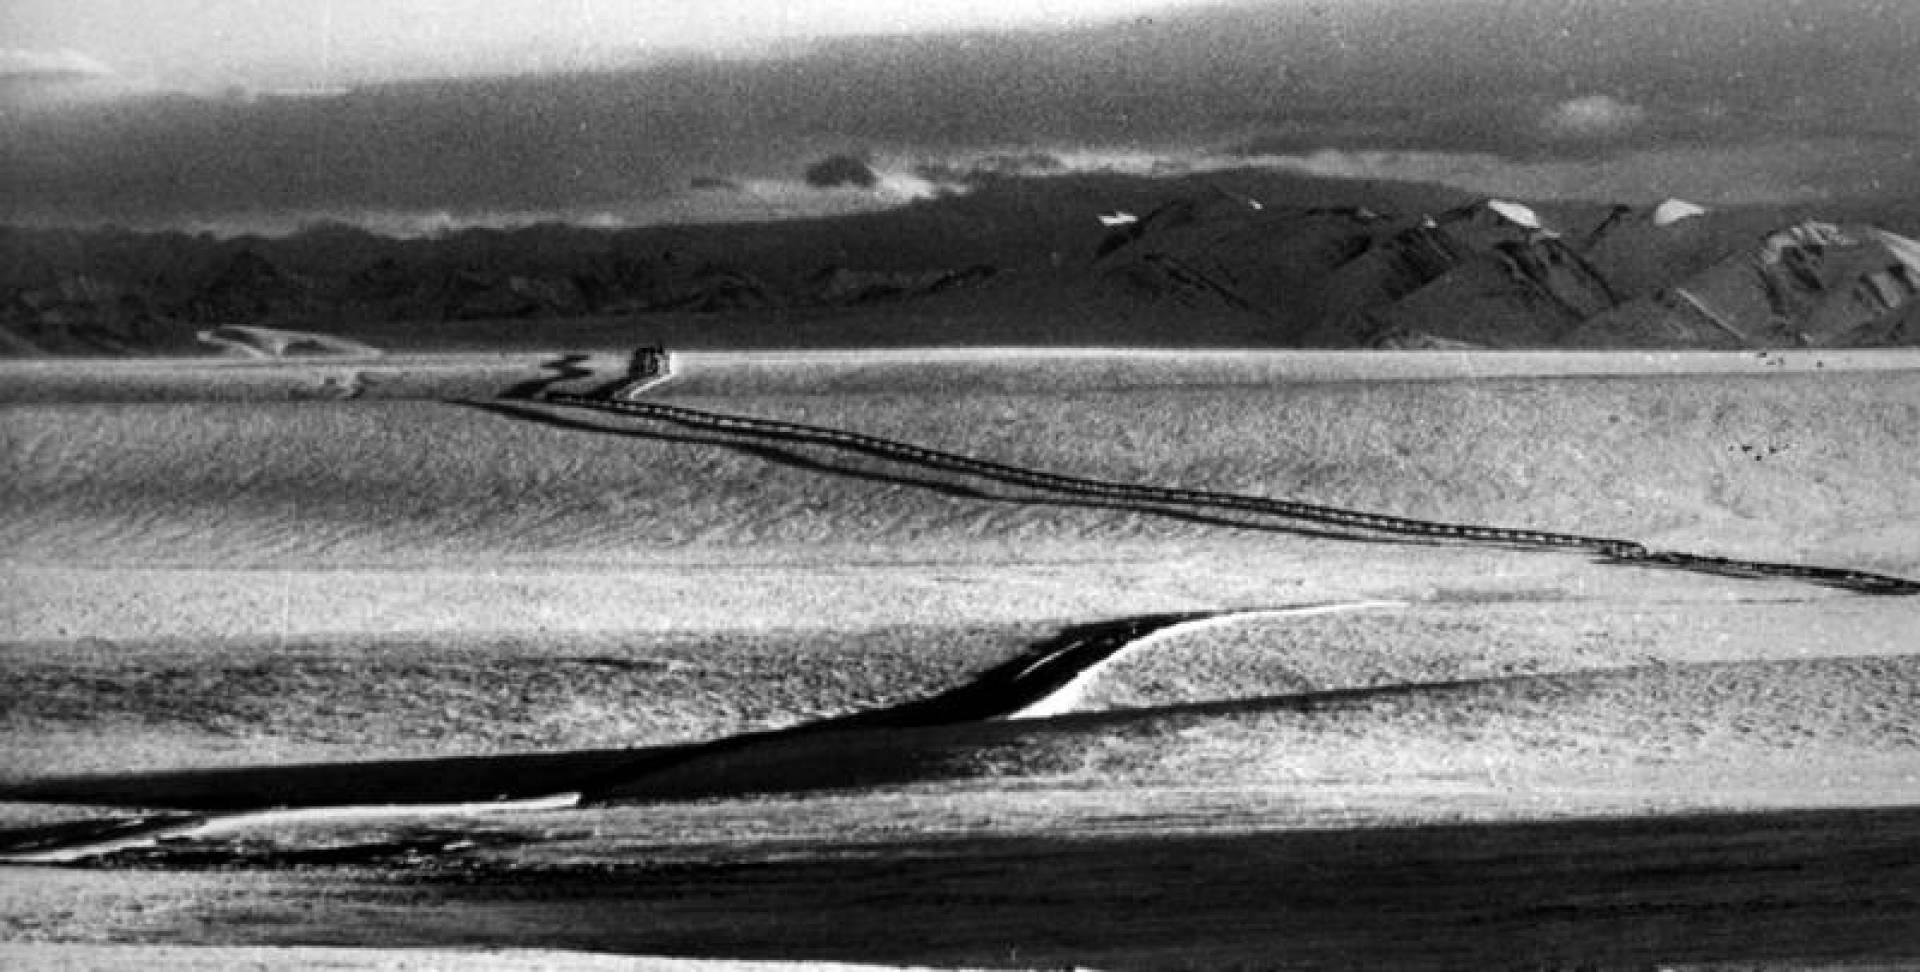 انابيب النفط في ولاية ألاسكا الأميركية.. أرشيفية